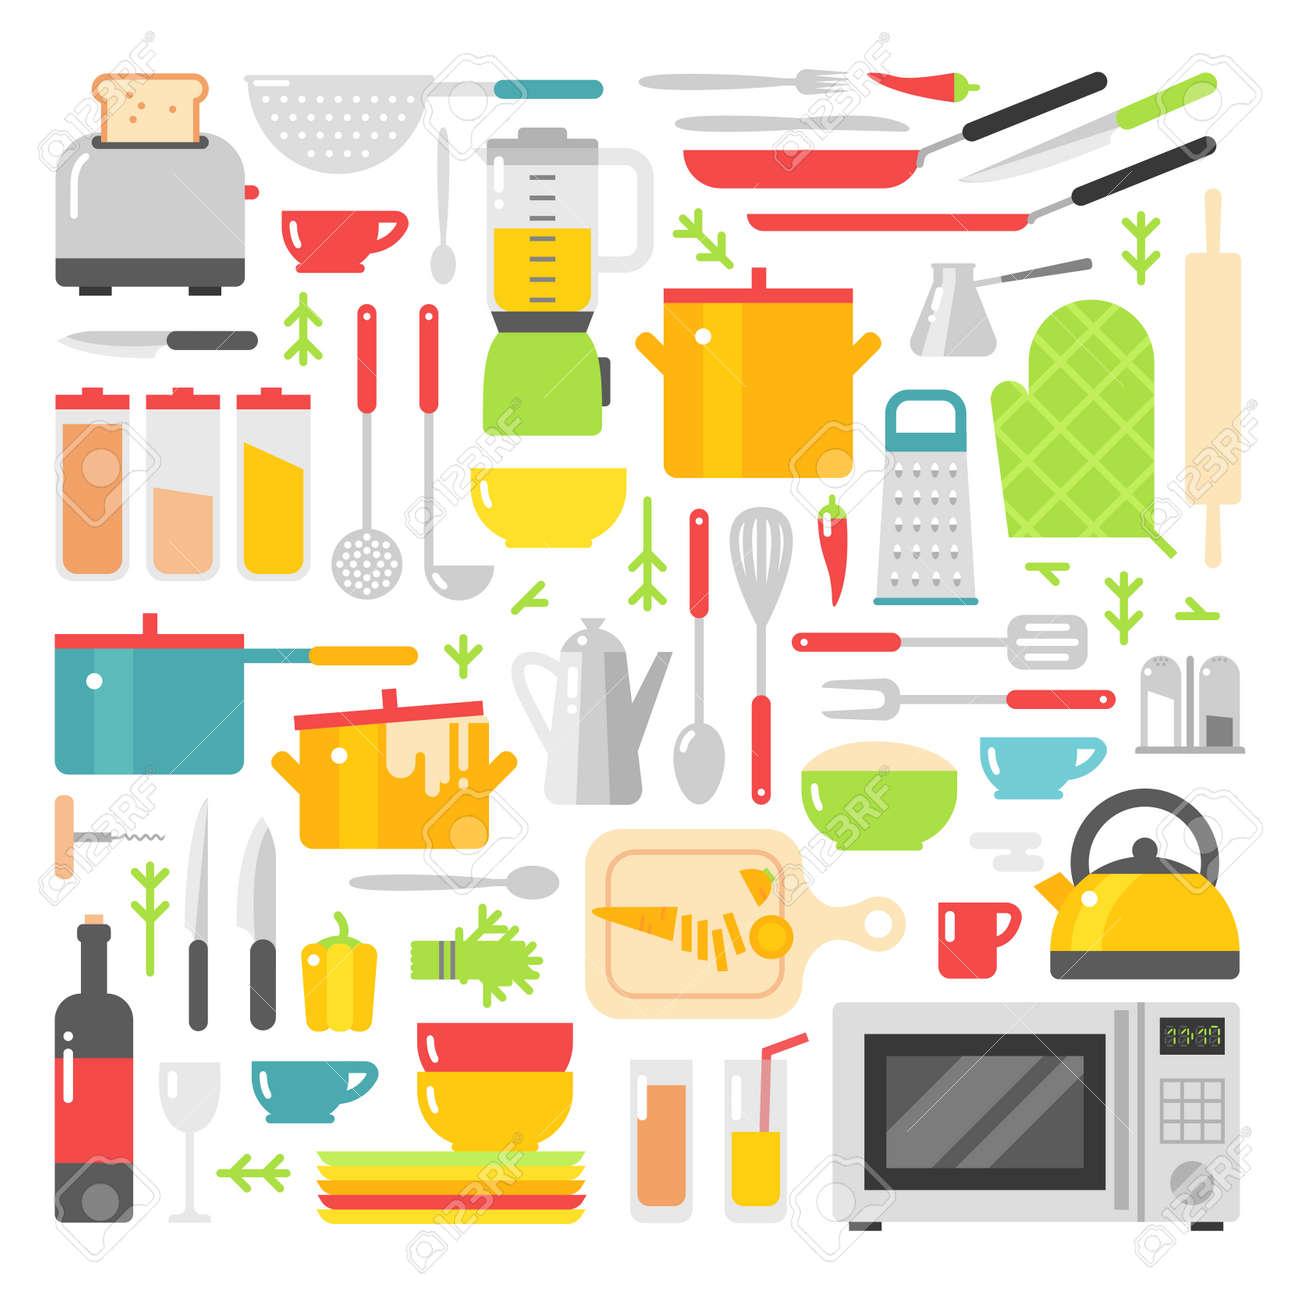 archivio fotografico piatti di cucina vettore icone piane isolato su sfondo bianco segno cucina utensili da cucina icone piatti tutti i giorni simboli